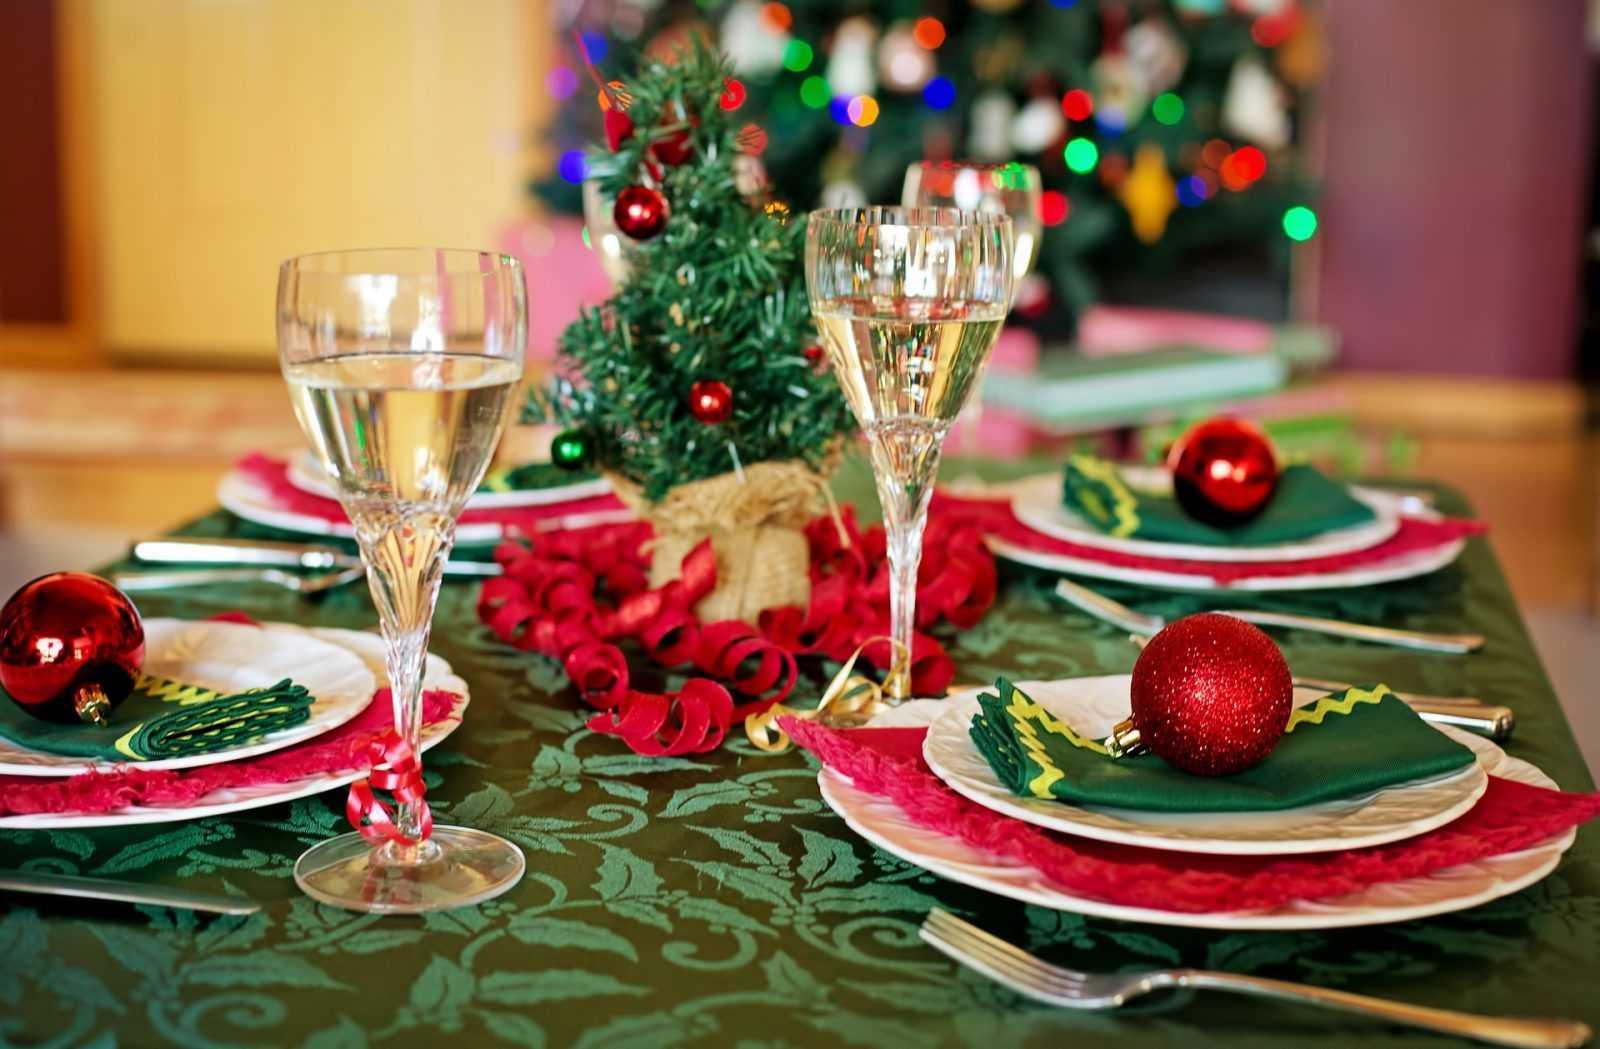 Natale in tavola: preparare un pranzo senza perdere un colpo